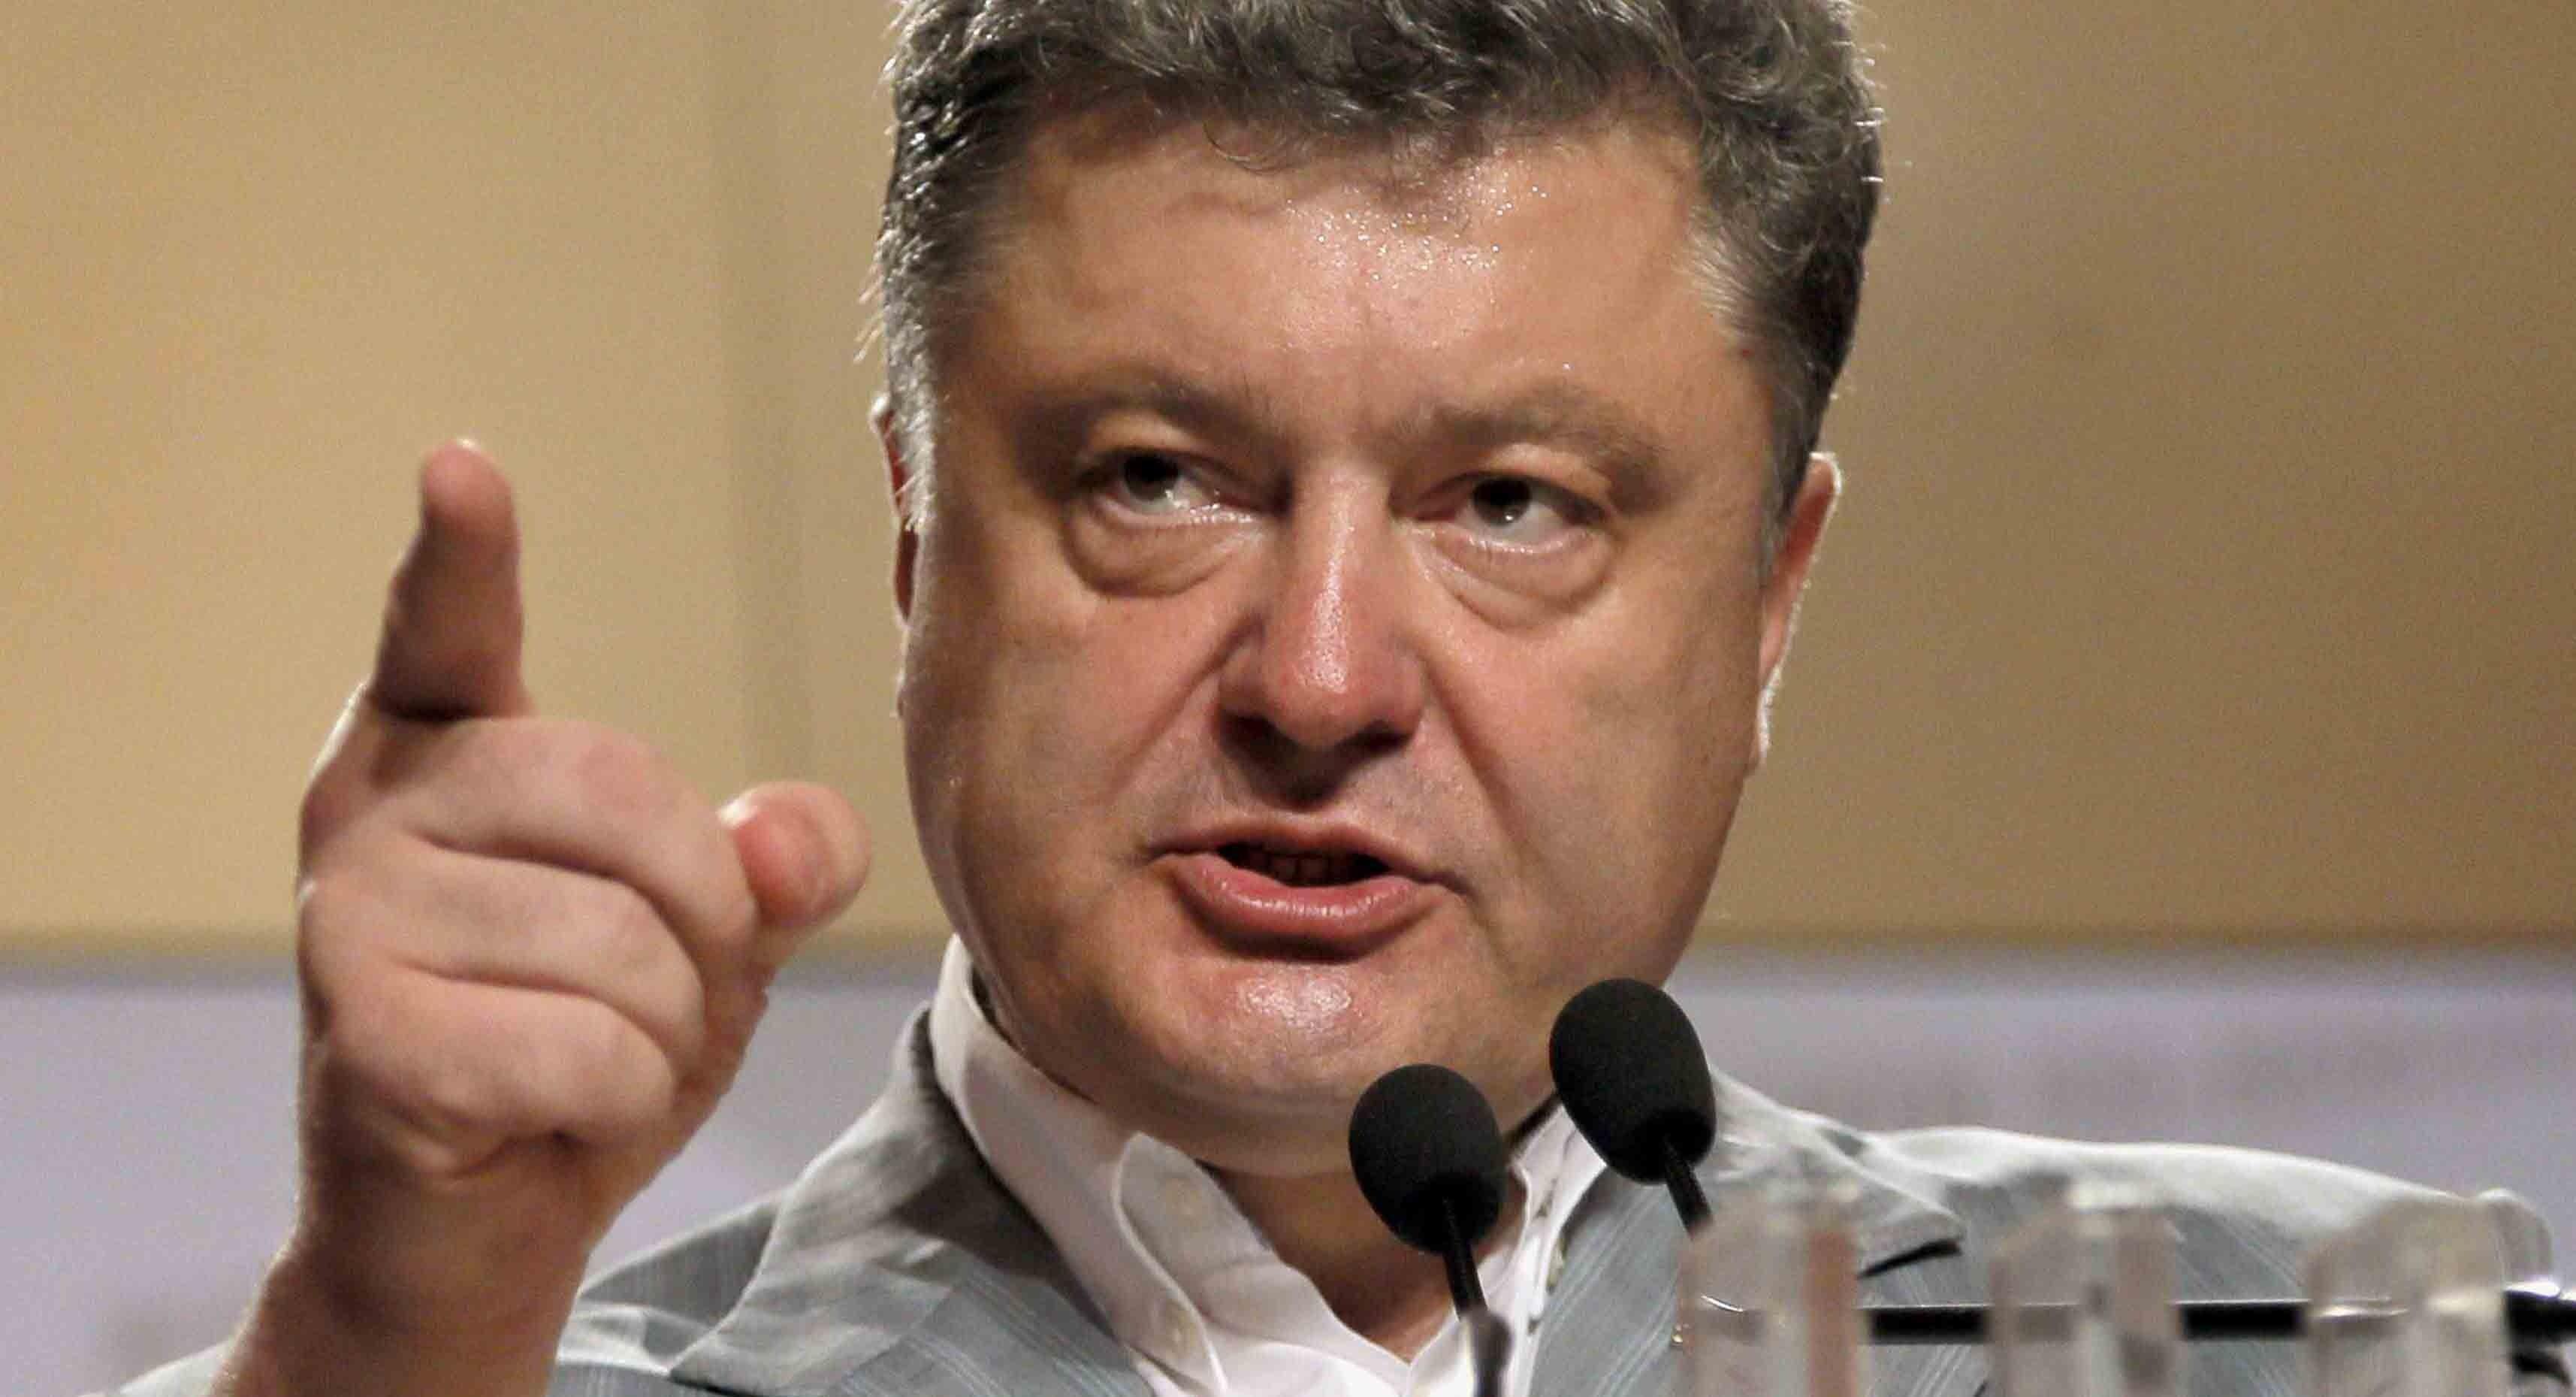 Народ вас сметет: украинцы ответили Порошенко наультиматум обантикоррупционном суде